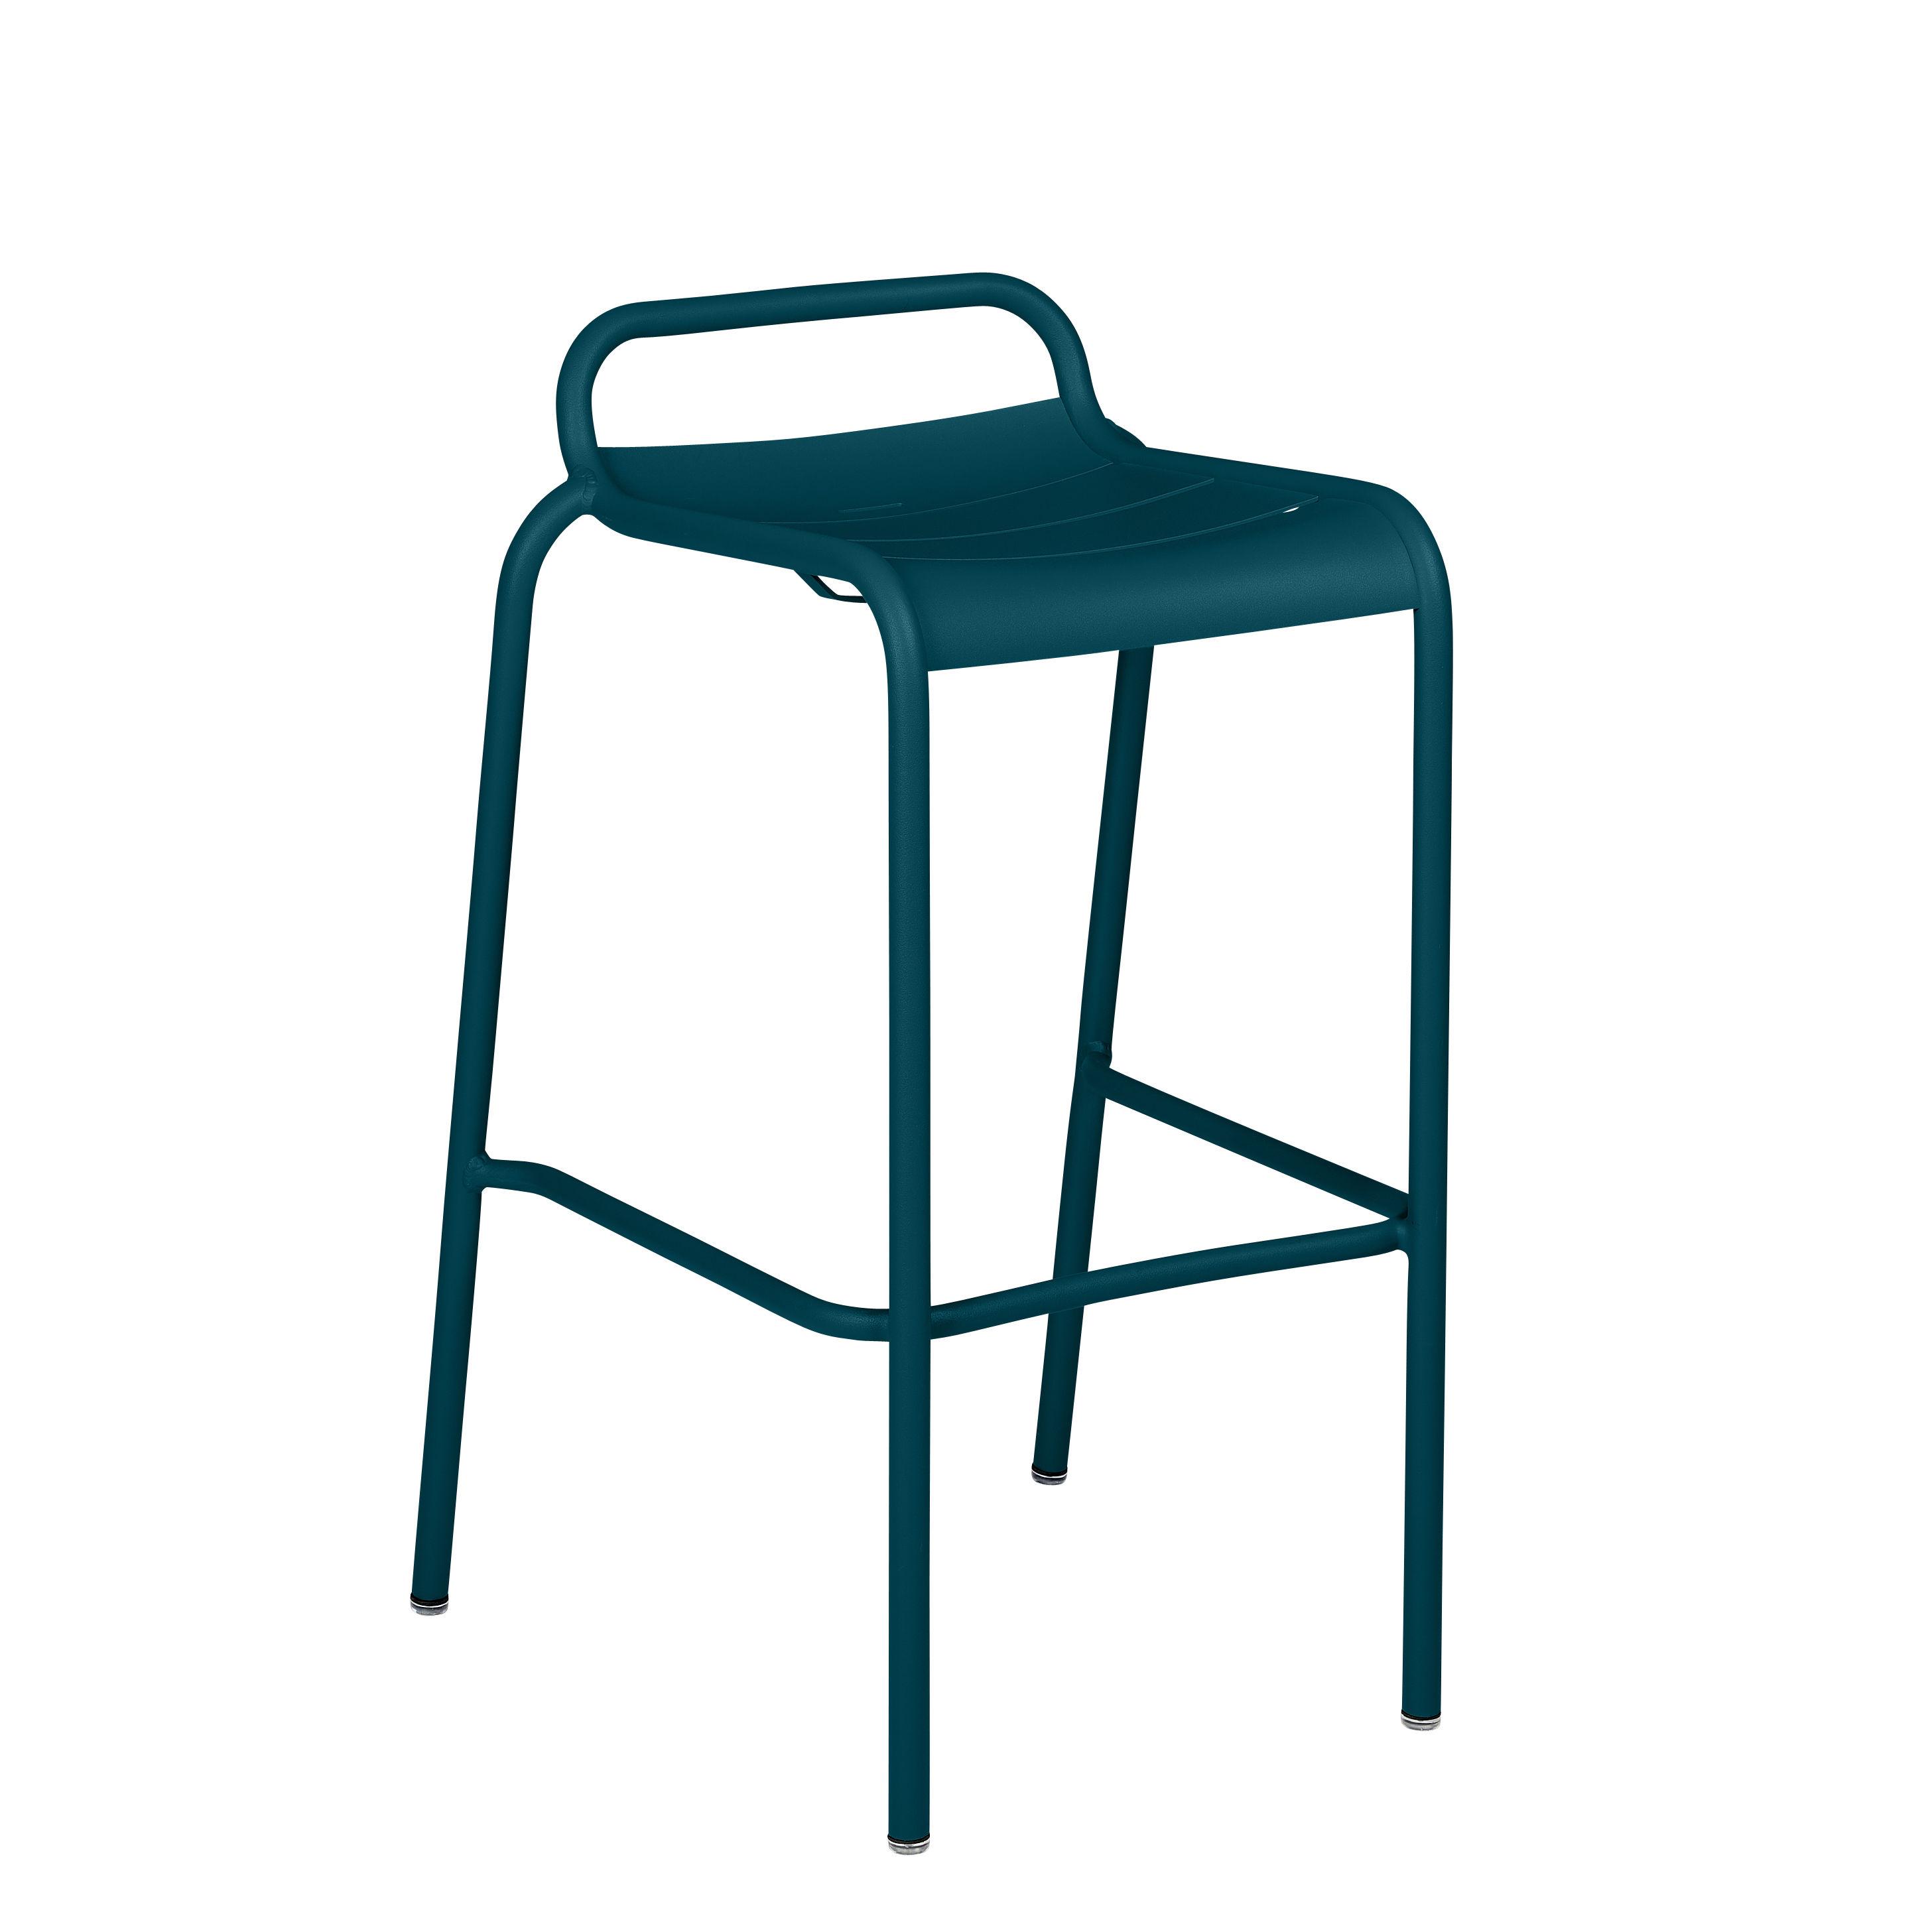 Möbel - Barhocker - Luxembourg Barhocker / Aluminium - H 78 cm - Fermob - Acapulcoblau - bemaltes Aluminium